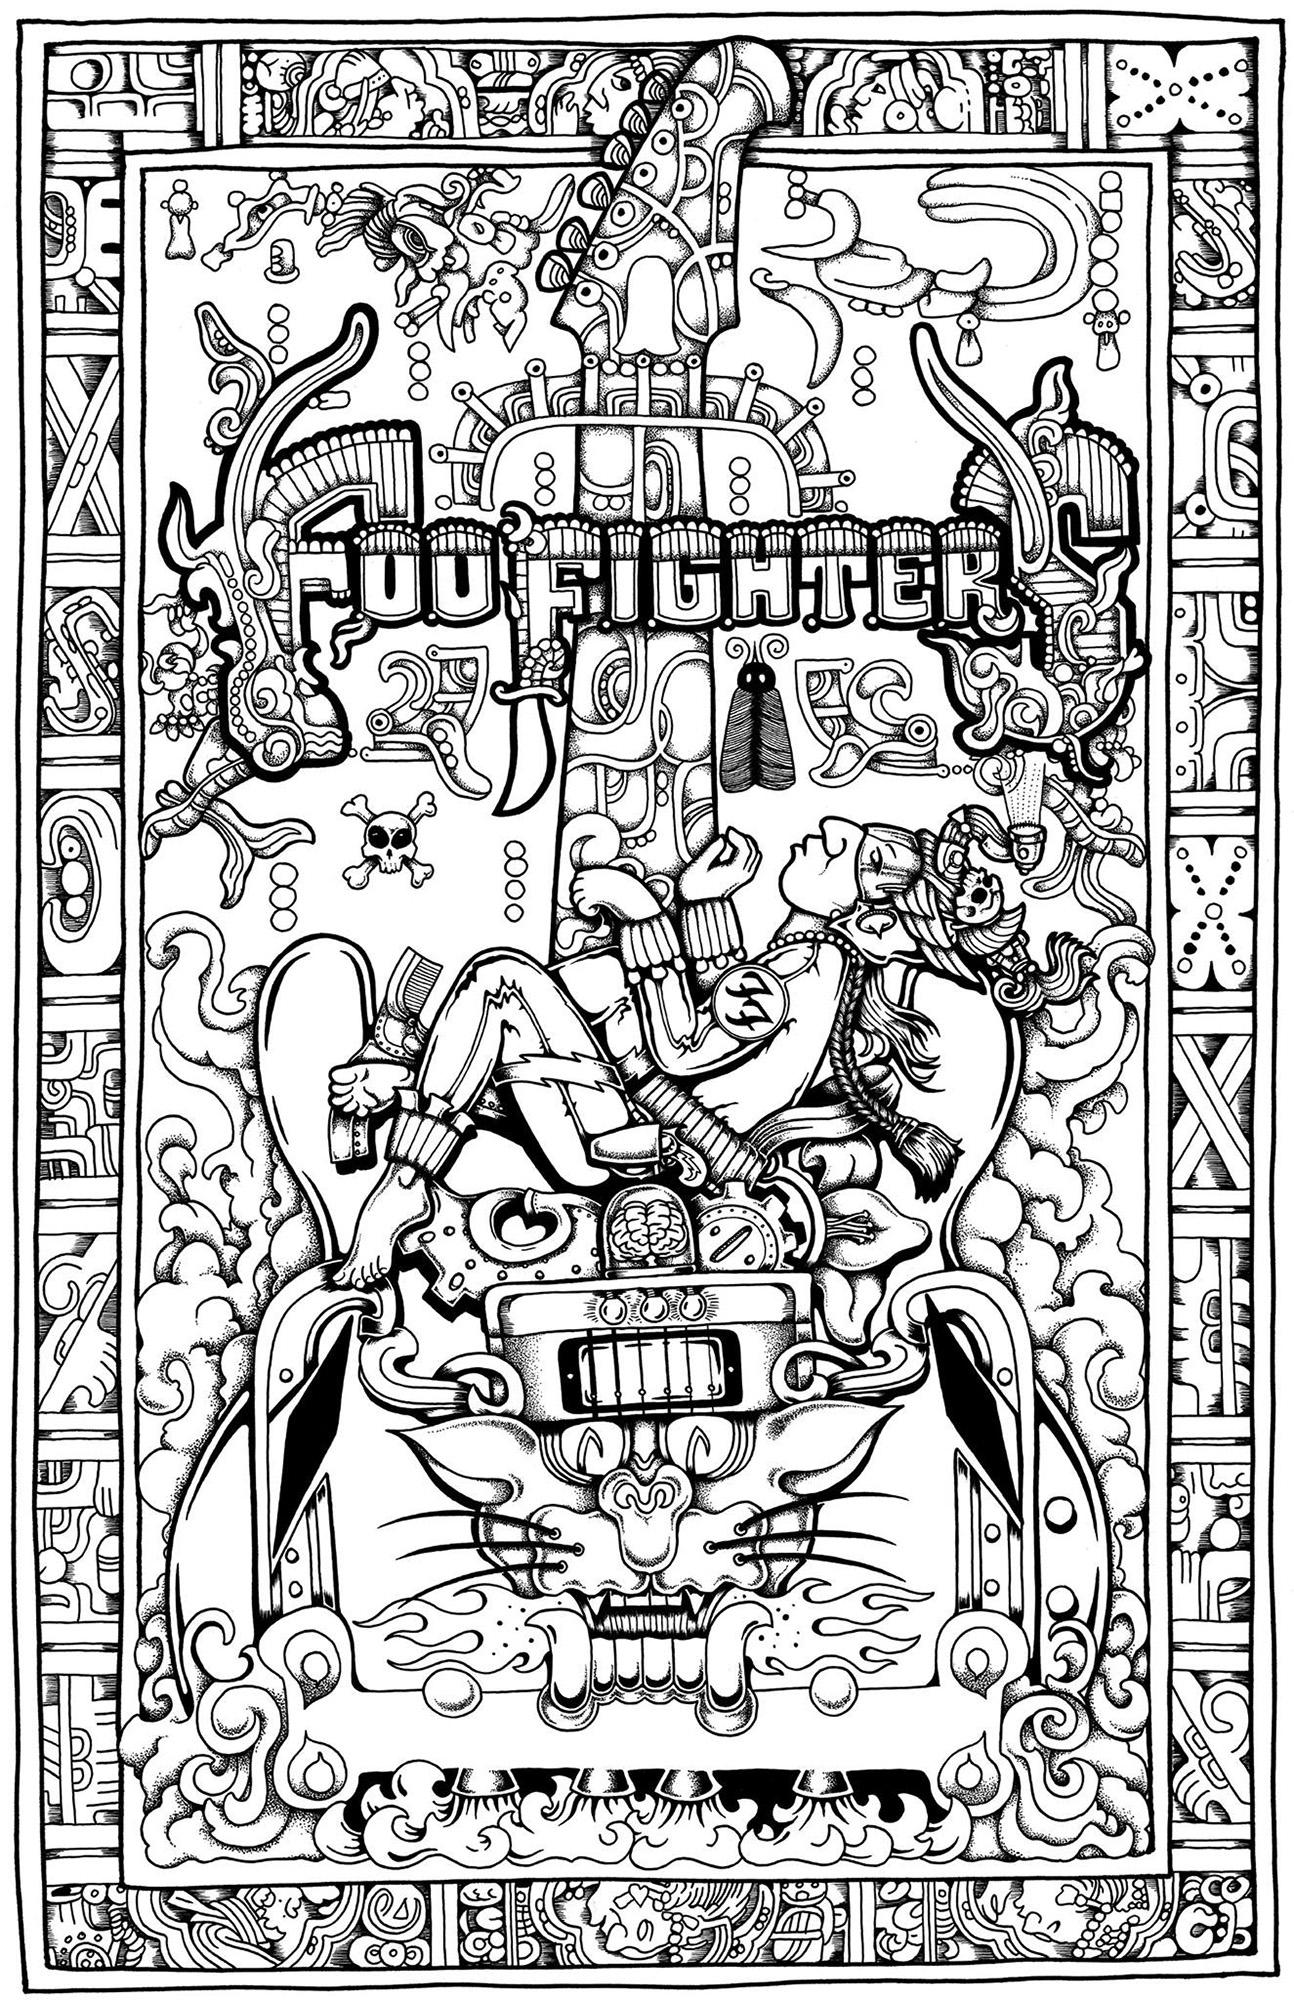 Foo Fighters Bossier City, LA 4/22/18 poster art, in Brian